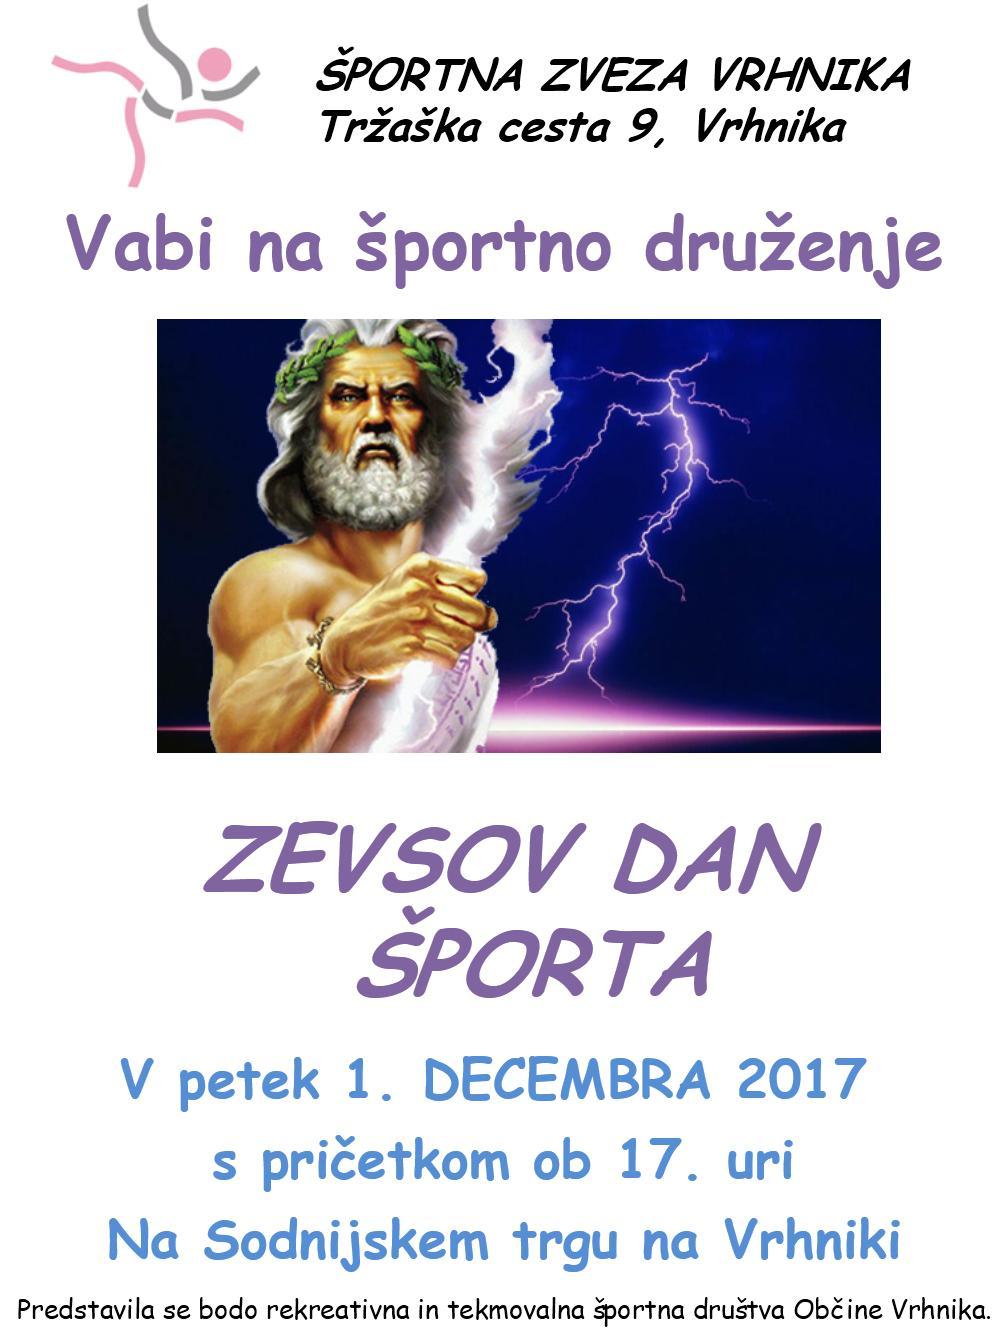 Zevsov dan športa